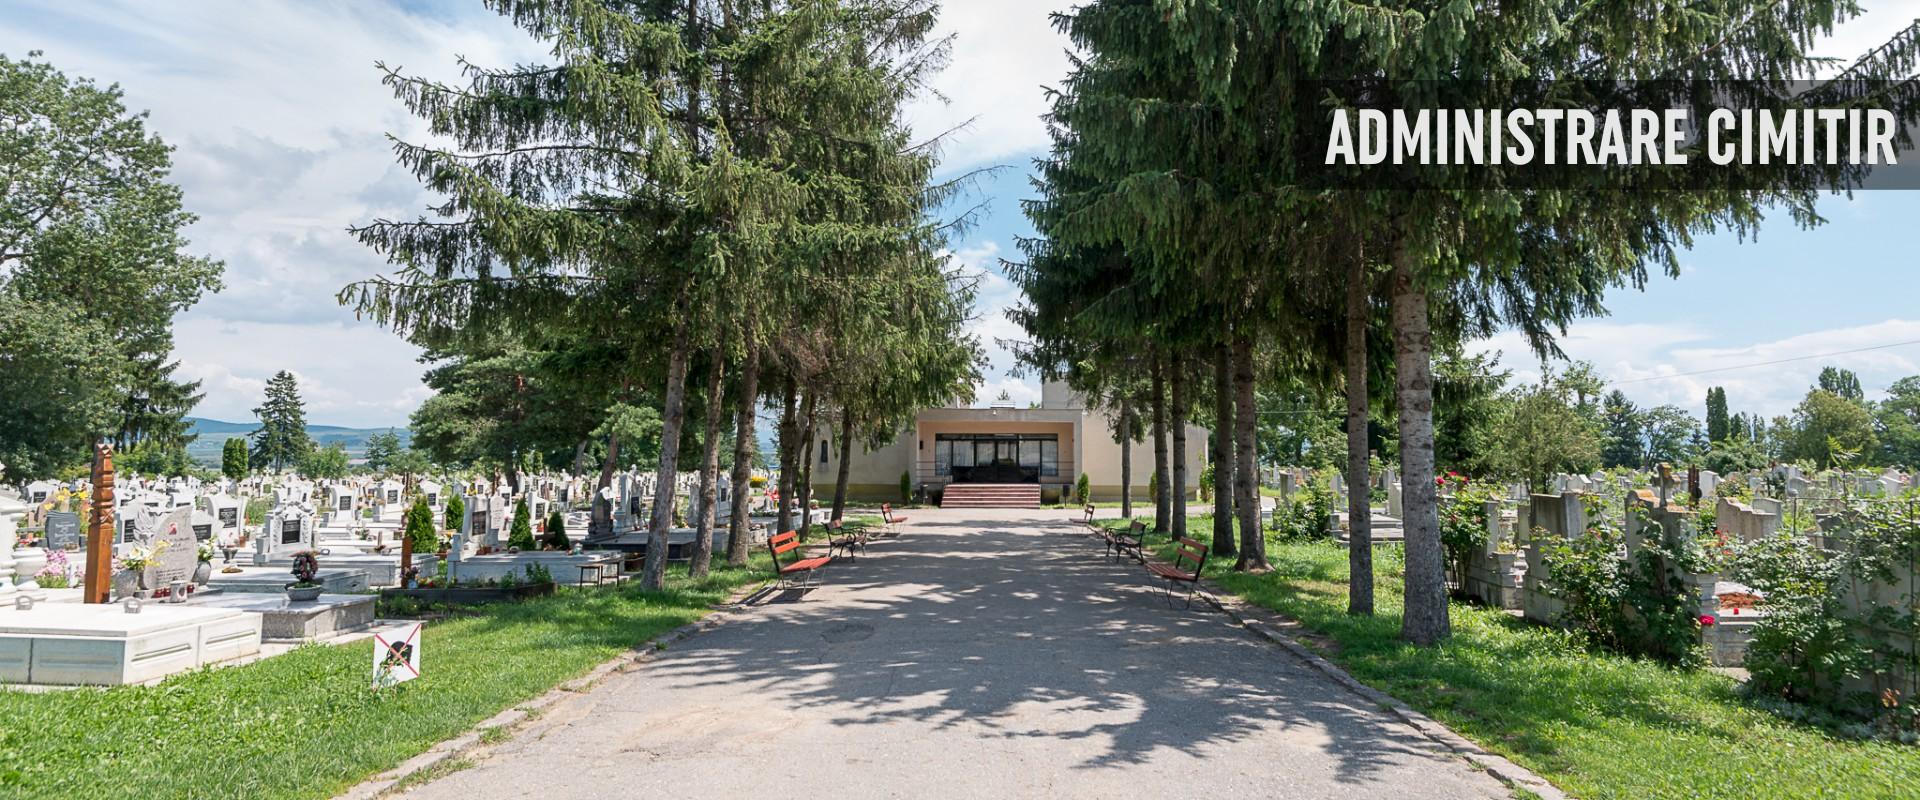 Administrare cimitir